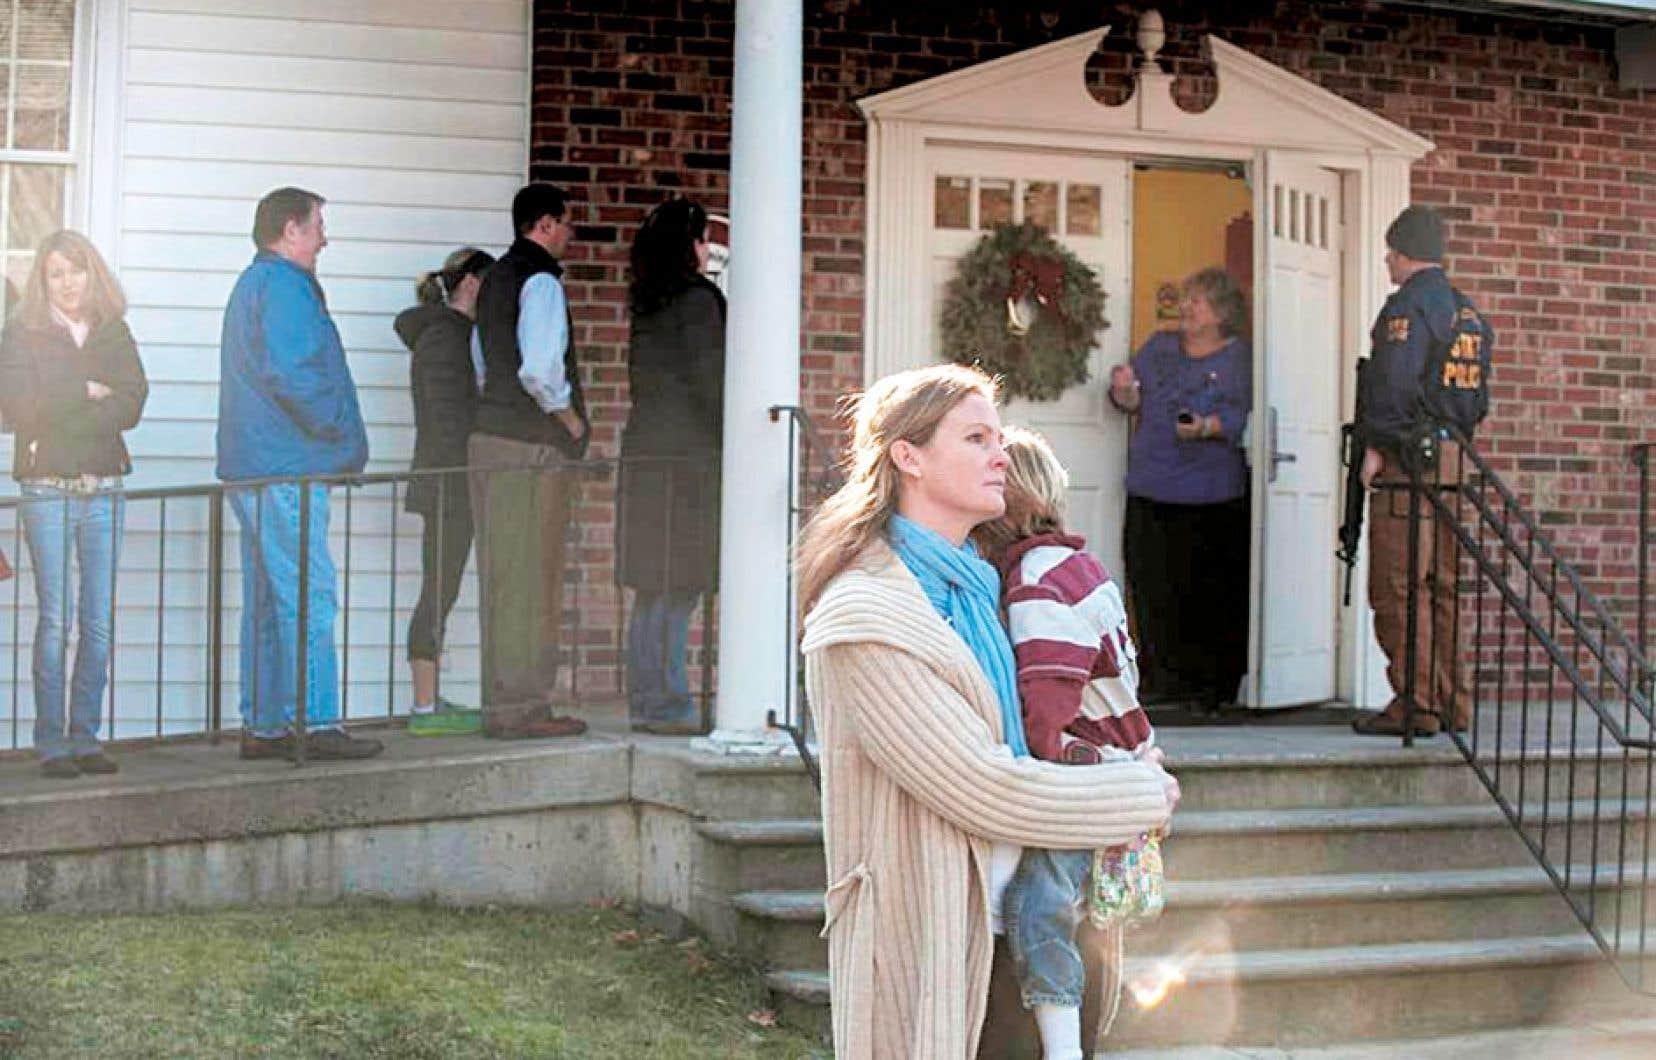 Une petite ville du Connecticut a été secouée hier quand un forcené a tué une vingtaine d'enfants dans une école primaire.